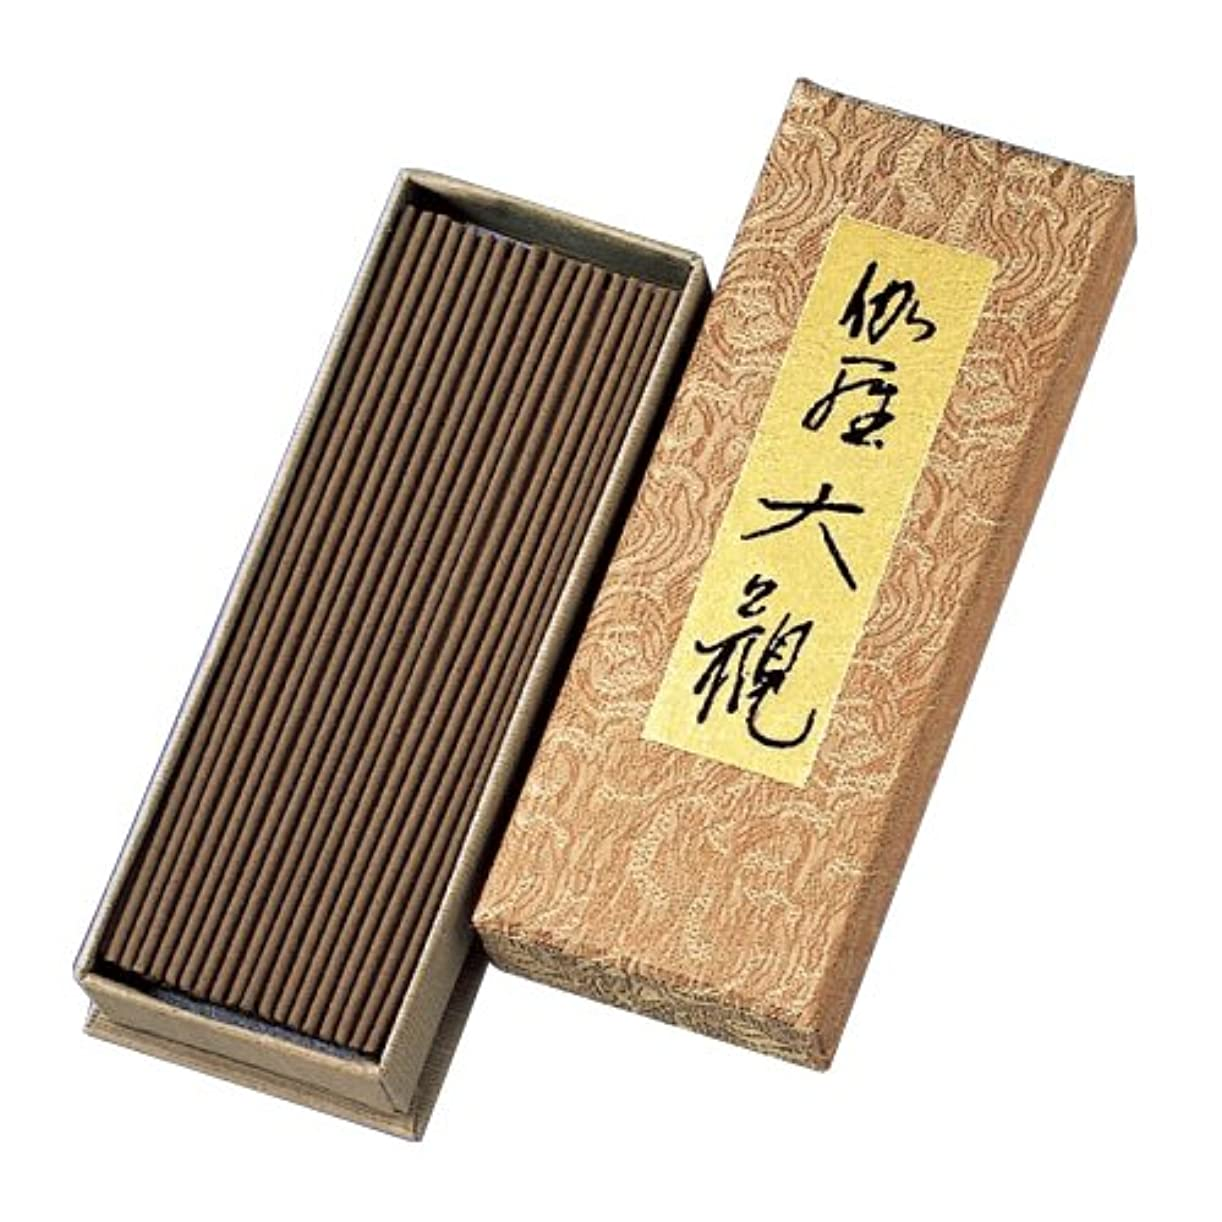 聖なる出身地印象的Nippon Kodo – Kyara Taikan – プレミアムAloeswood Incense 150 sticks